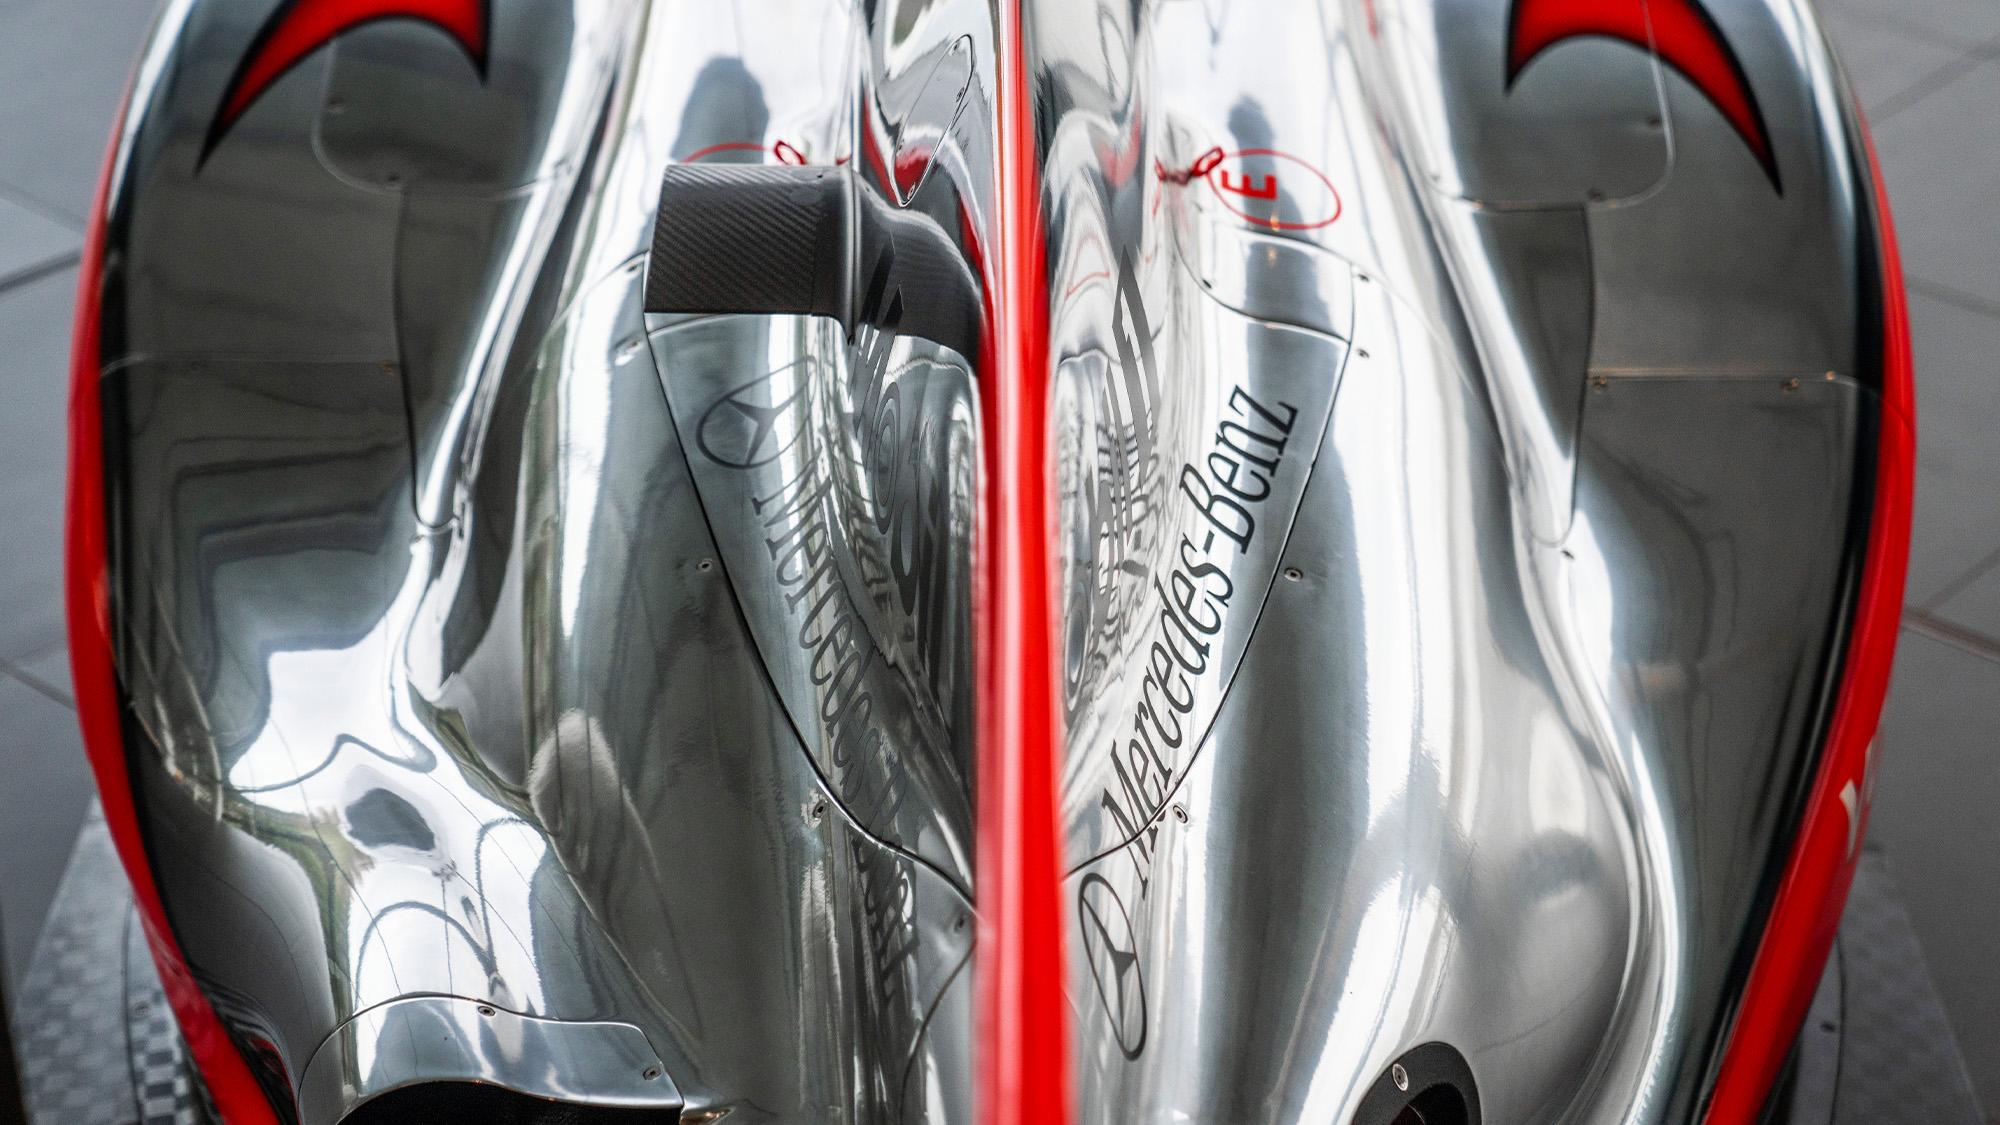 Lewis Hamilton McLaren MP4-25 for auction engine cover